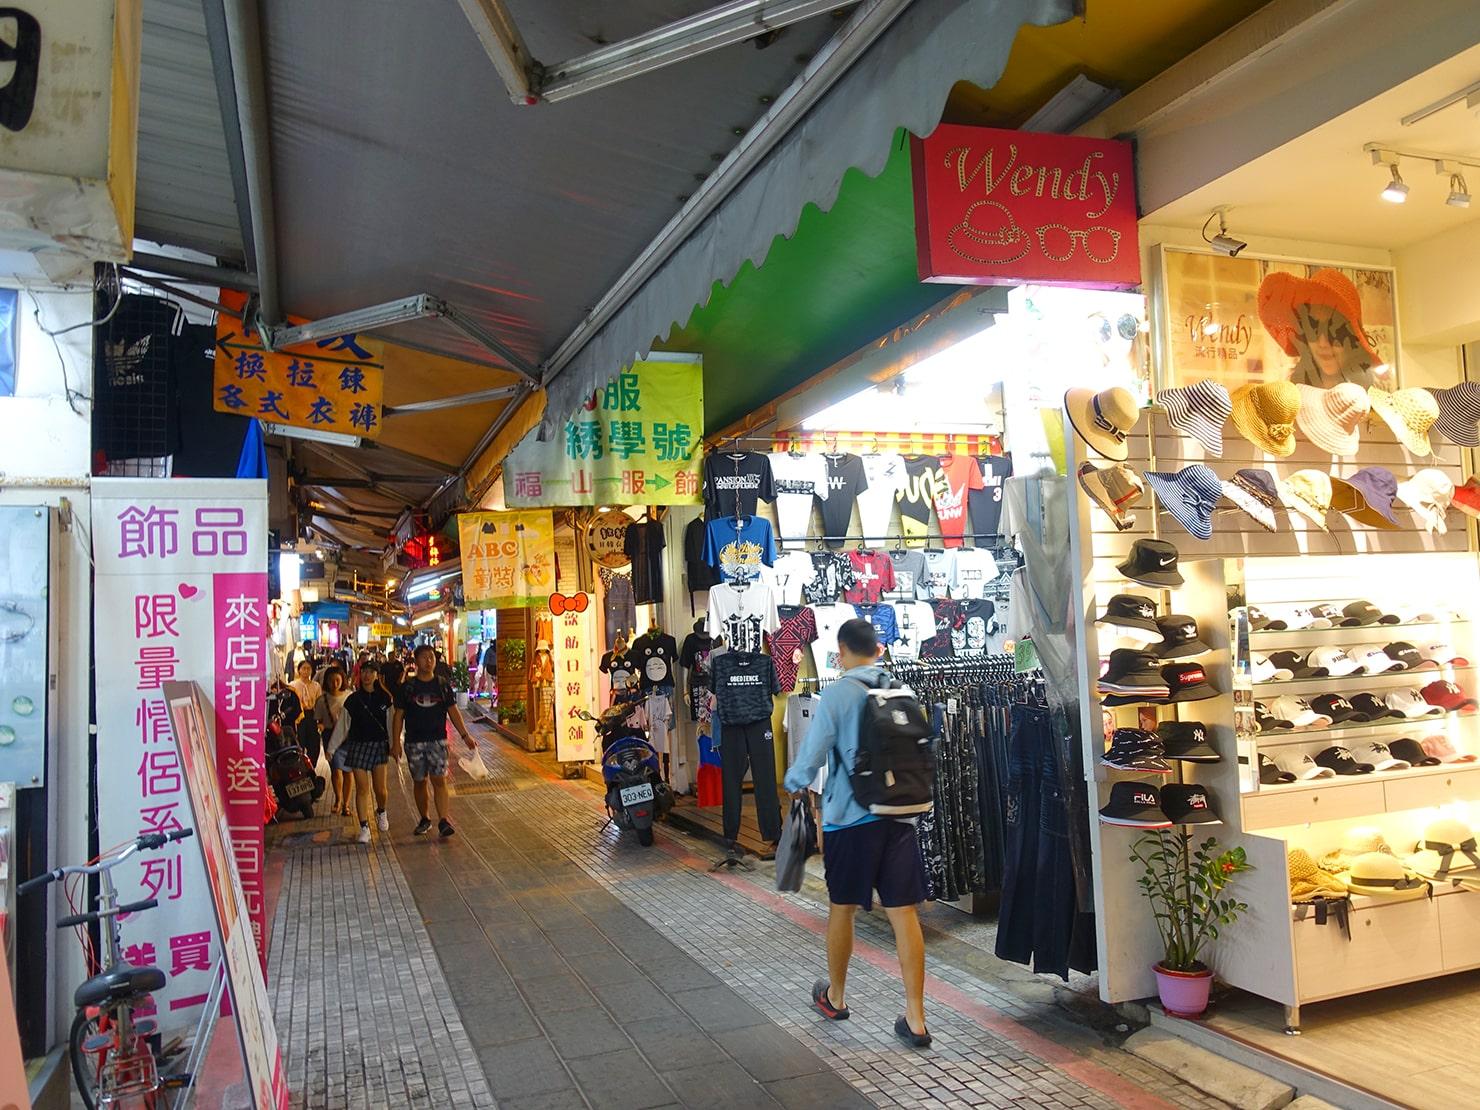 台湾・花蓮のおすすめ観光スポット「金三角商圈」の小さなショップが並ぶ通り